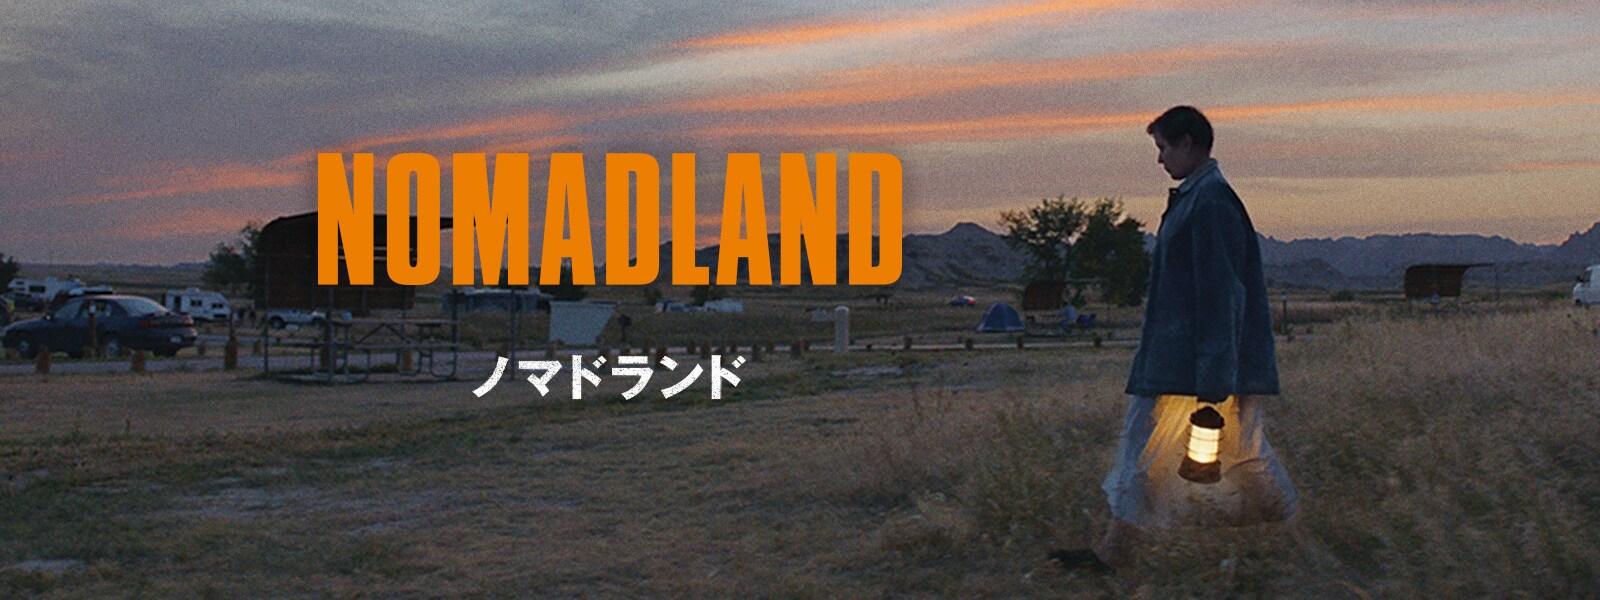 ノマドランド|Nomadland Hero Object